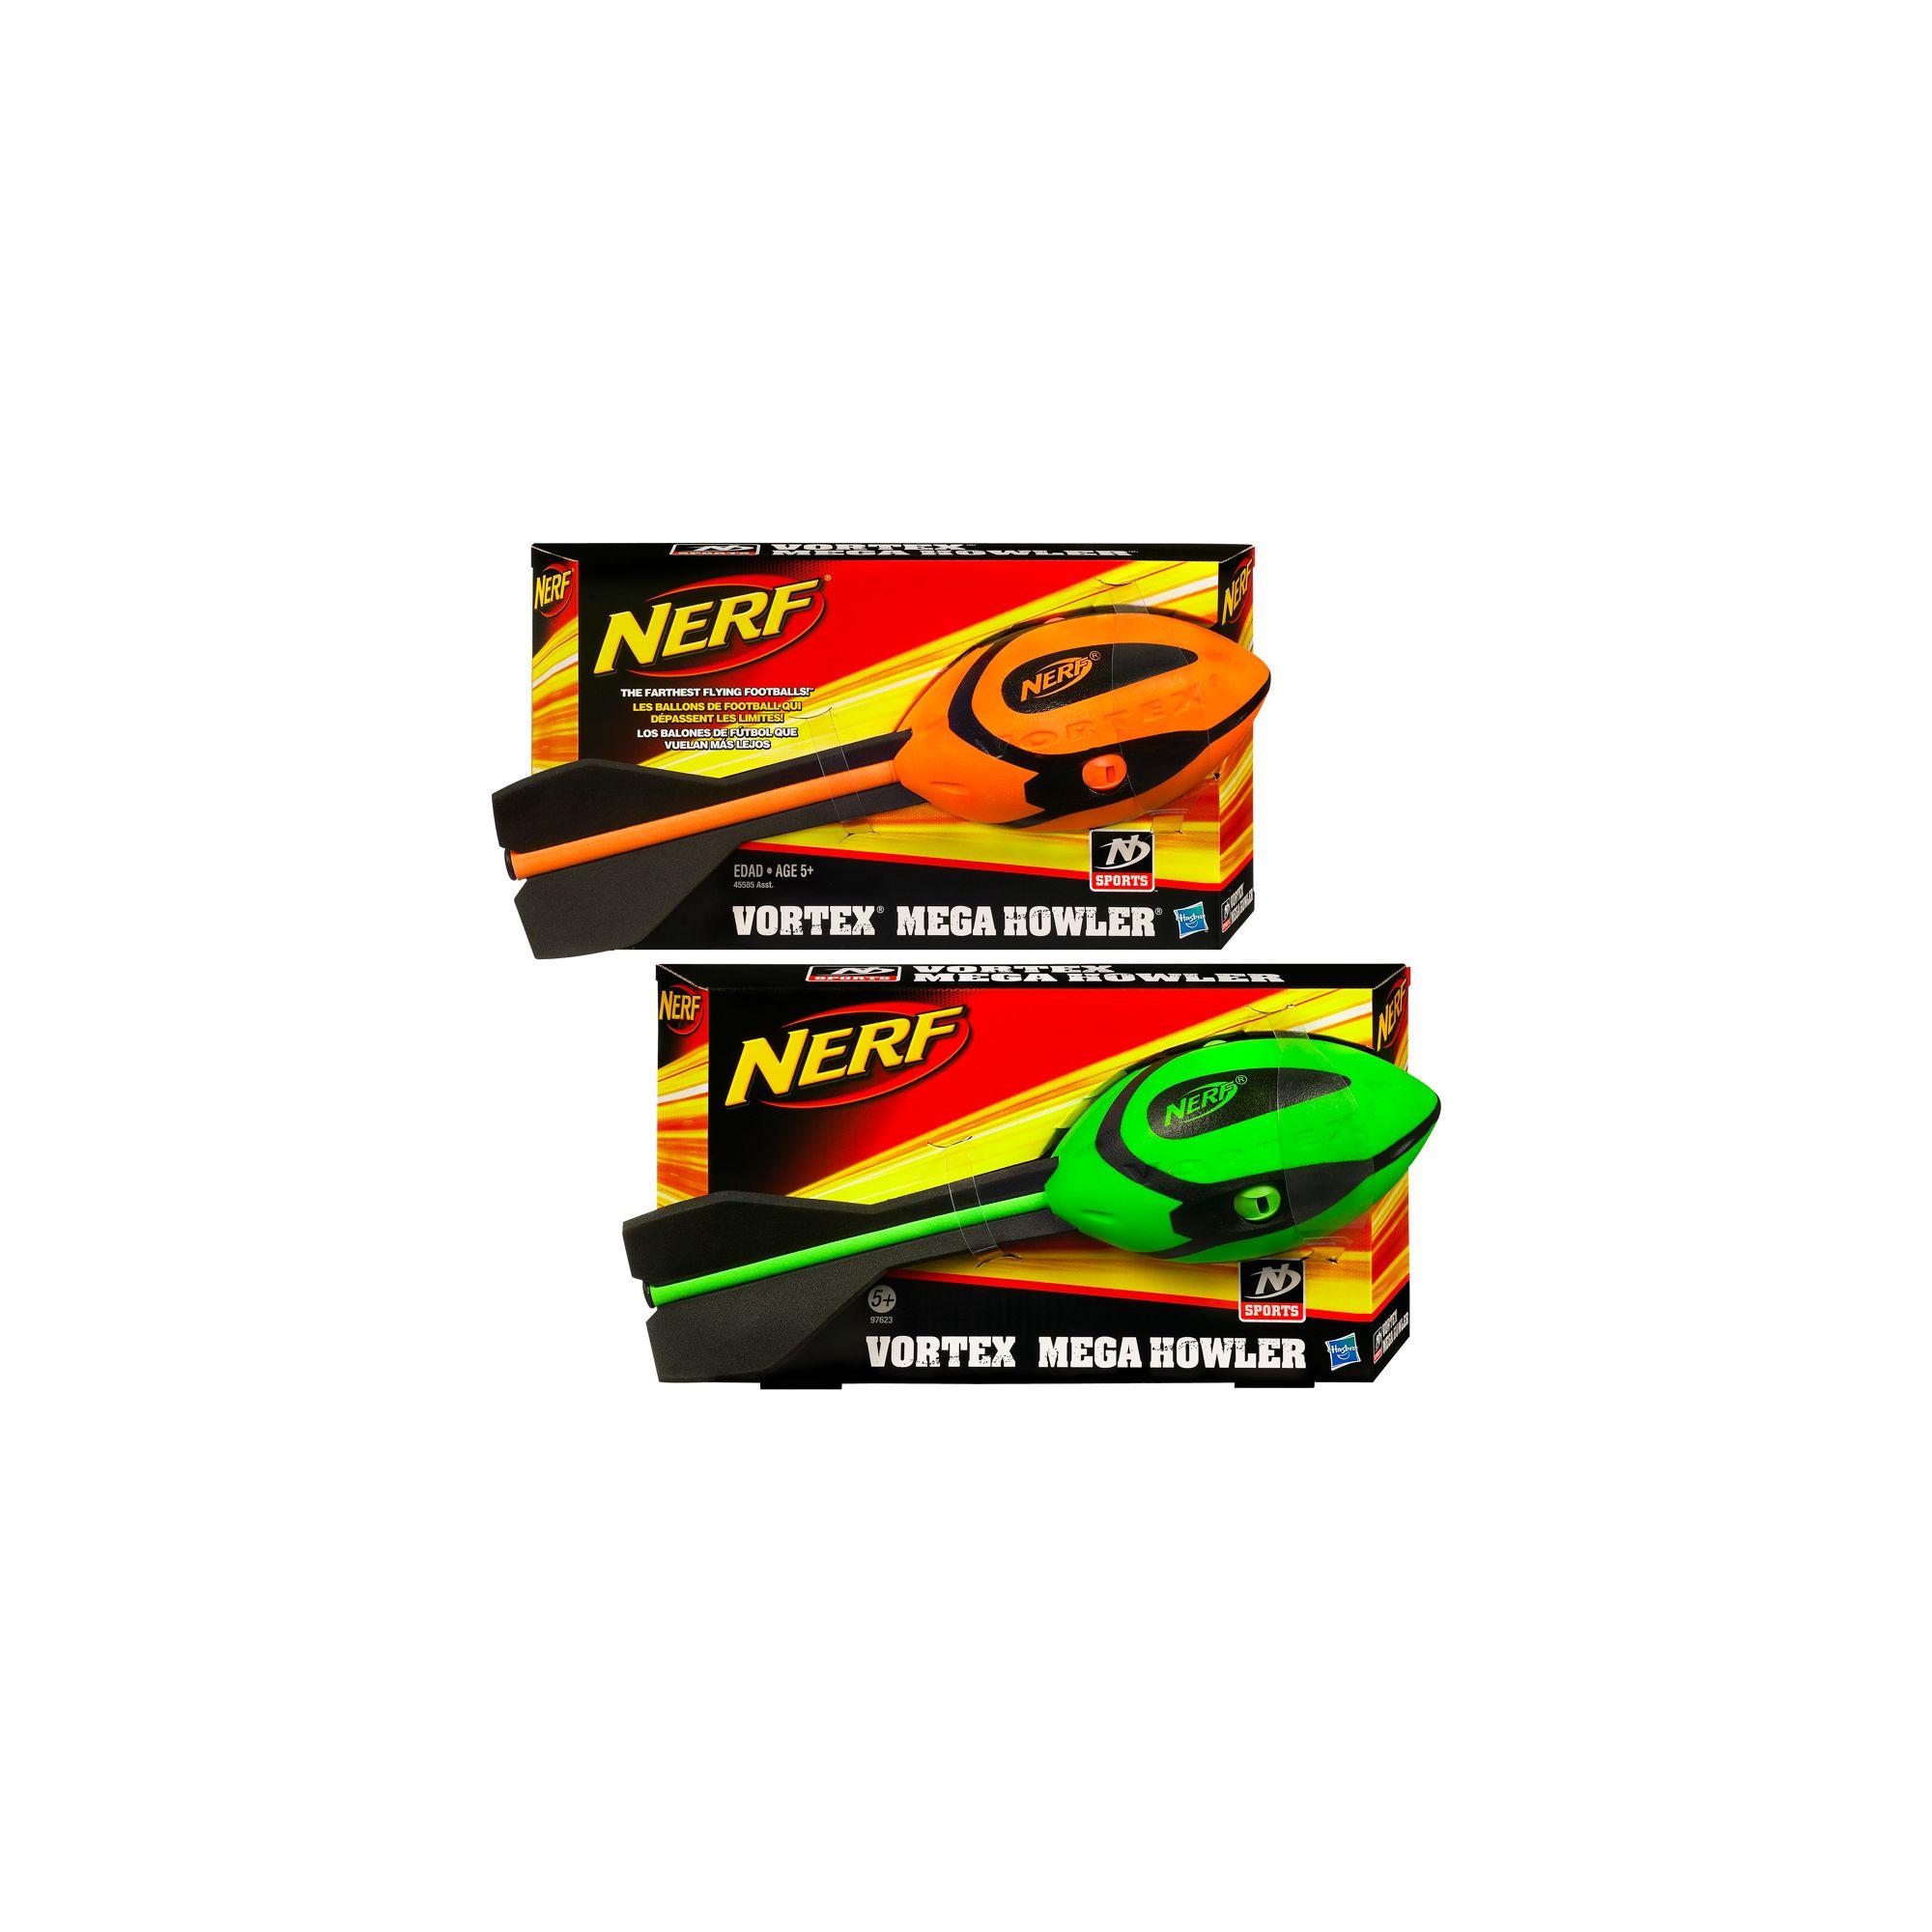 Nerf Vortex Mega Howler Whistling Football Green